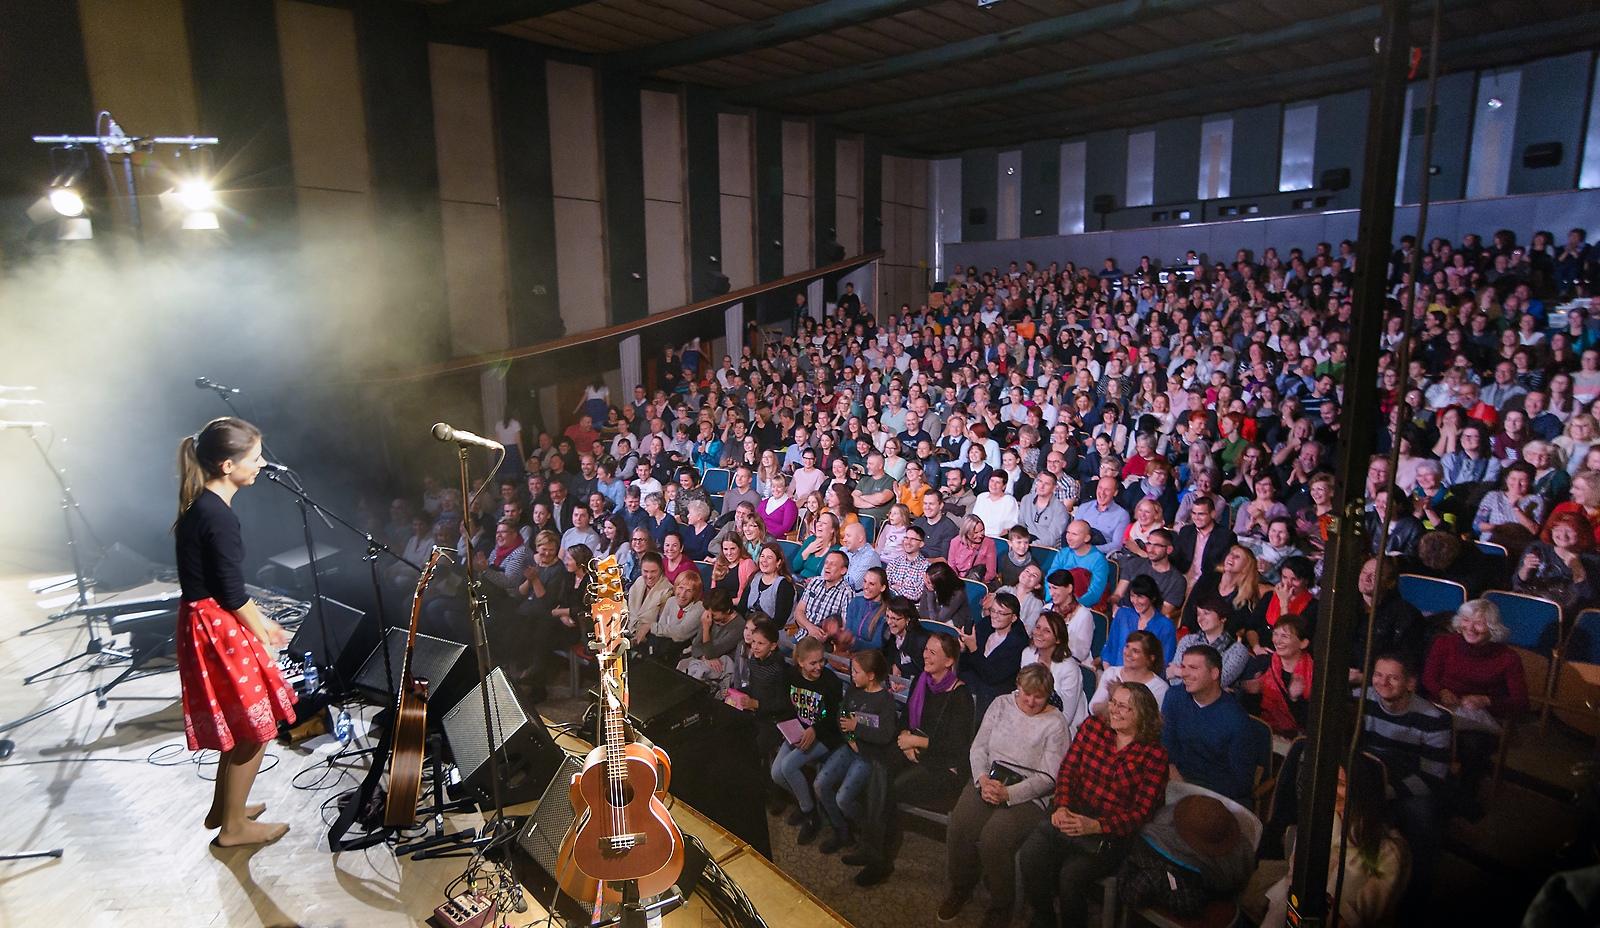 Turné s Dievčenským speváckym zborom Slovenského rozhlasu (2017)